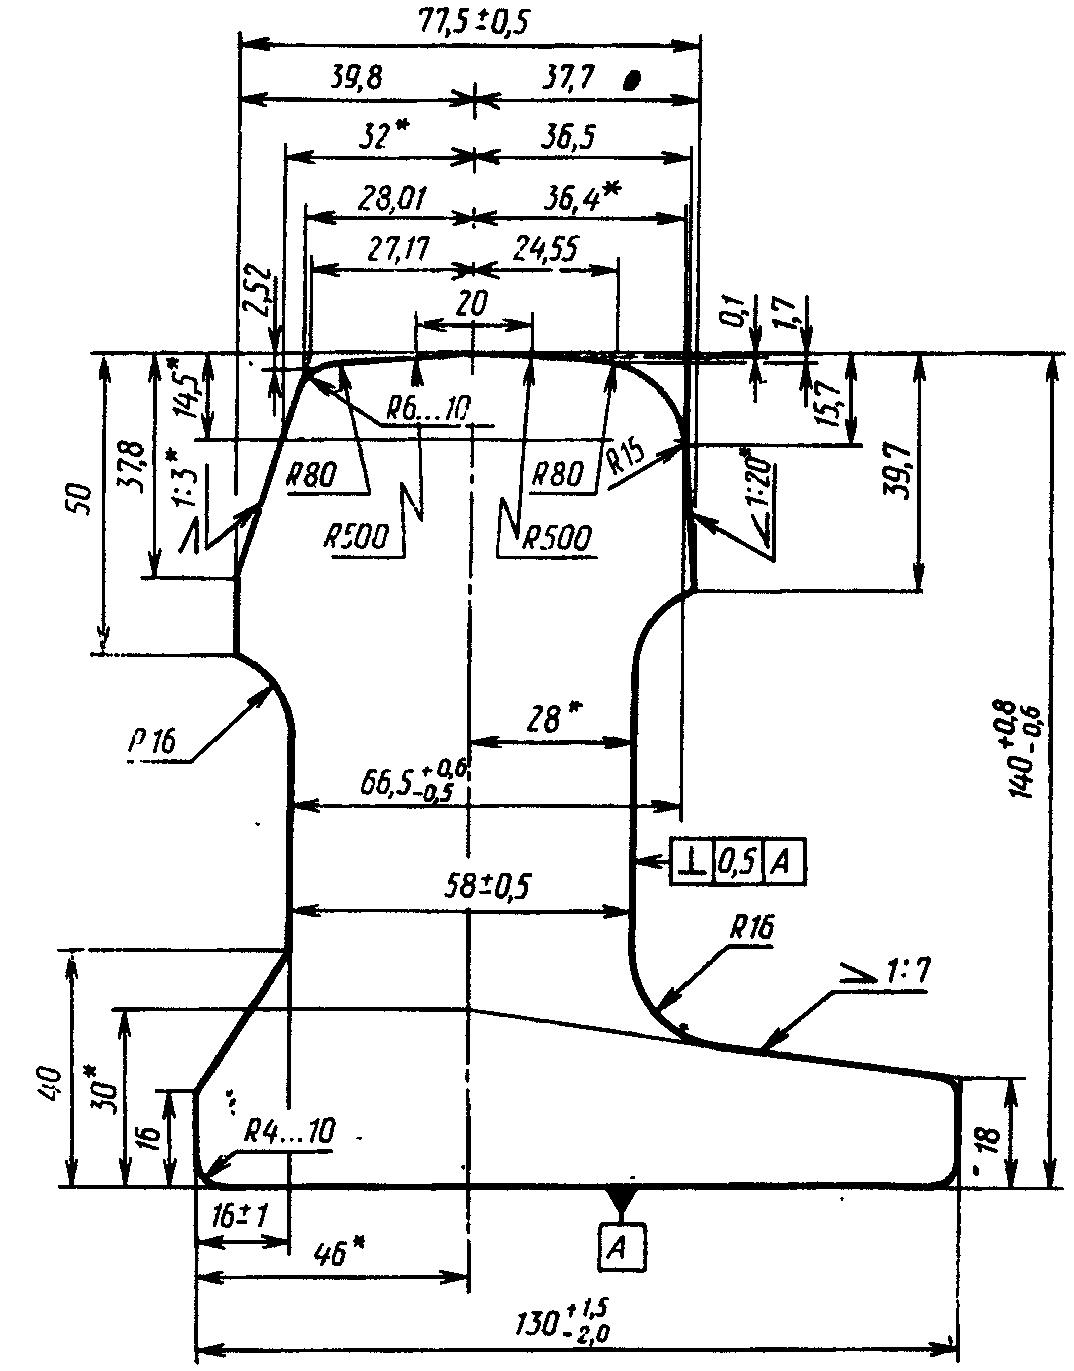 Электрические схемы.  Скачать бесплатно принципиальную электрическую схему станка токарно винторезного 1м65.